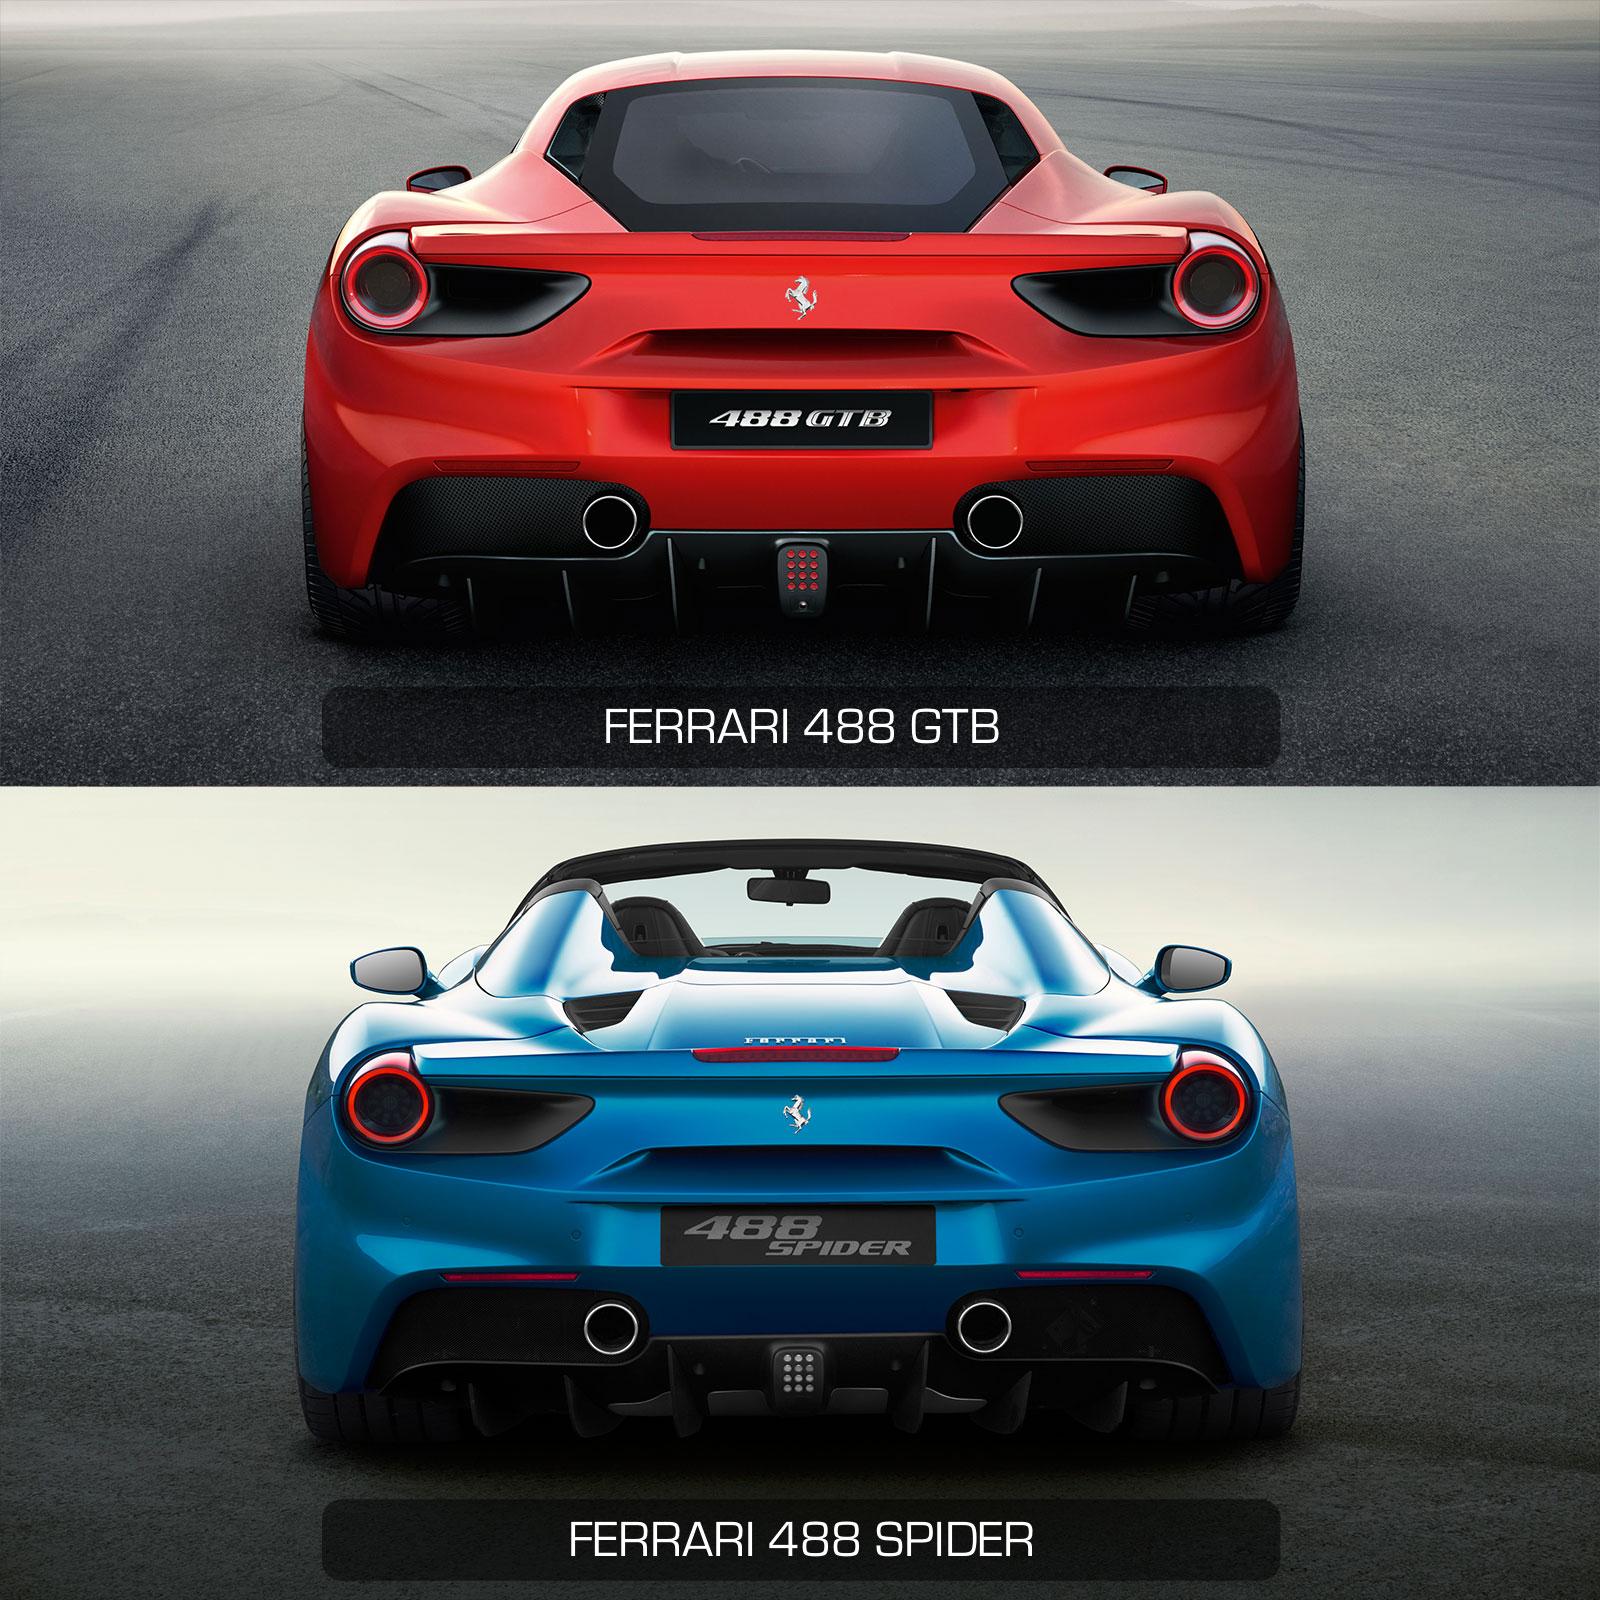 Ferrari 488 Gtb Vs Ferrari 488 Spider Rear View Design Comparison Car Body Design